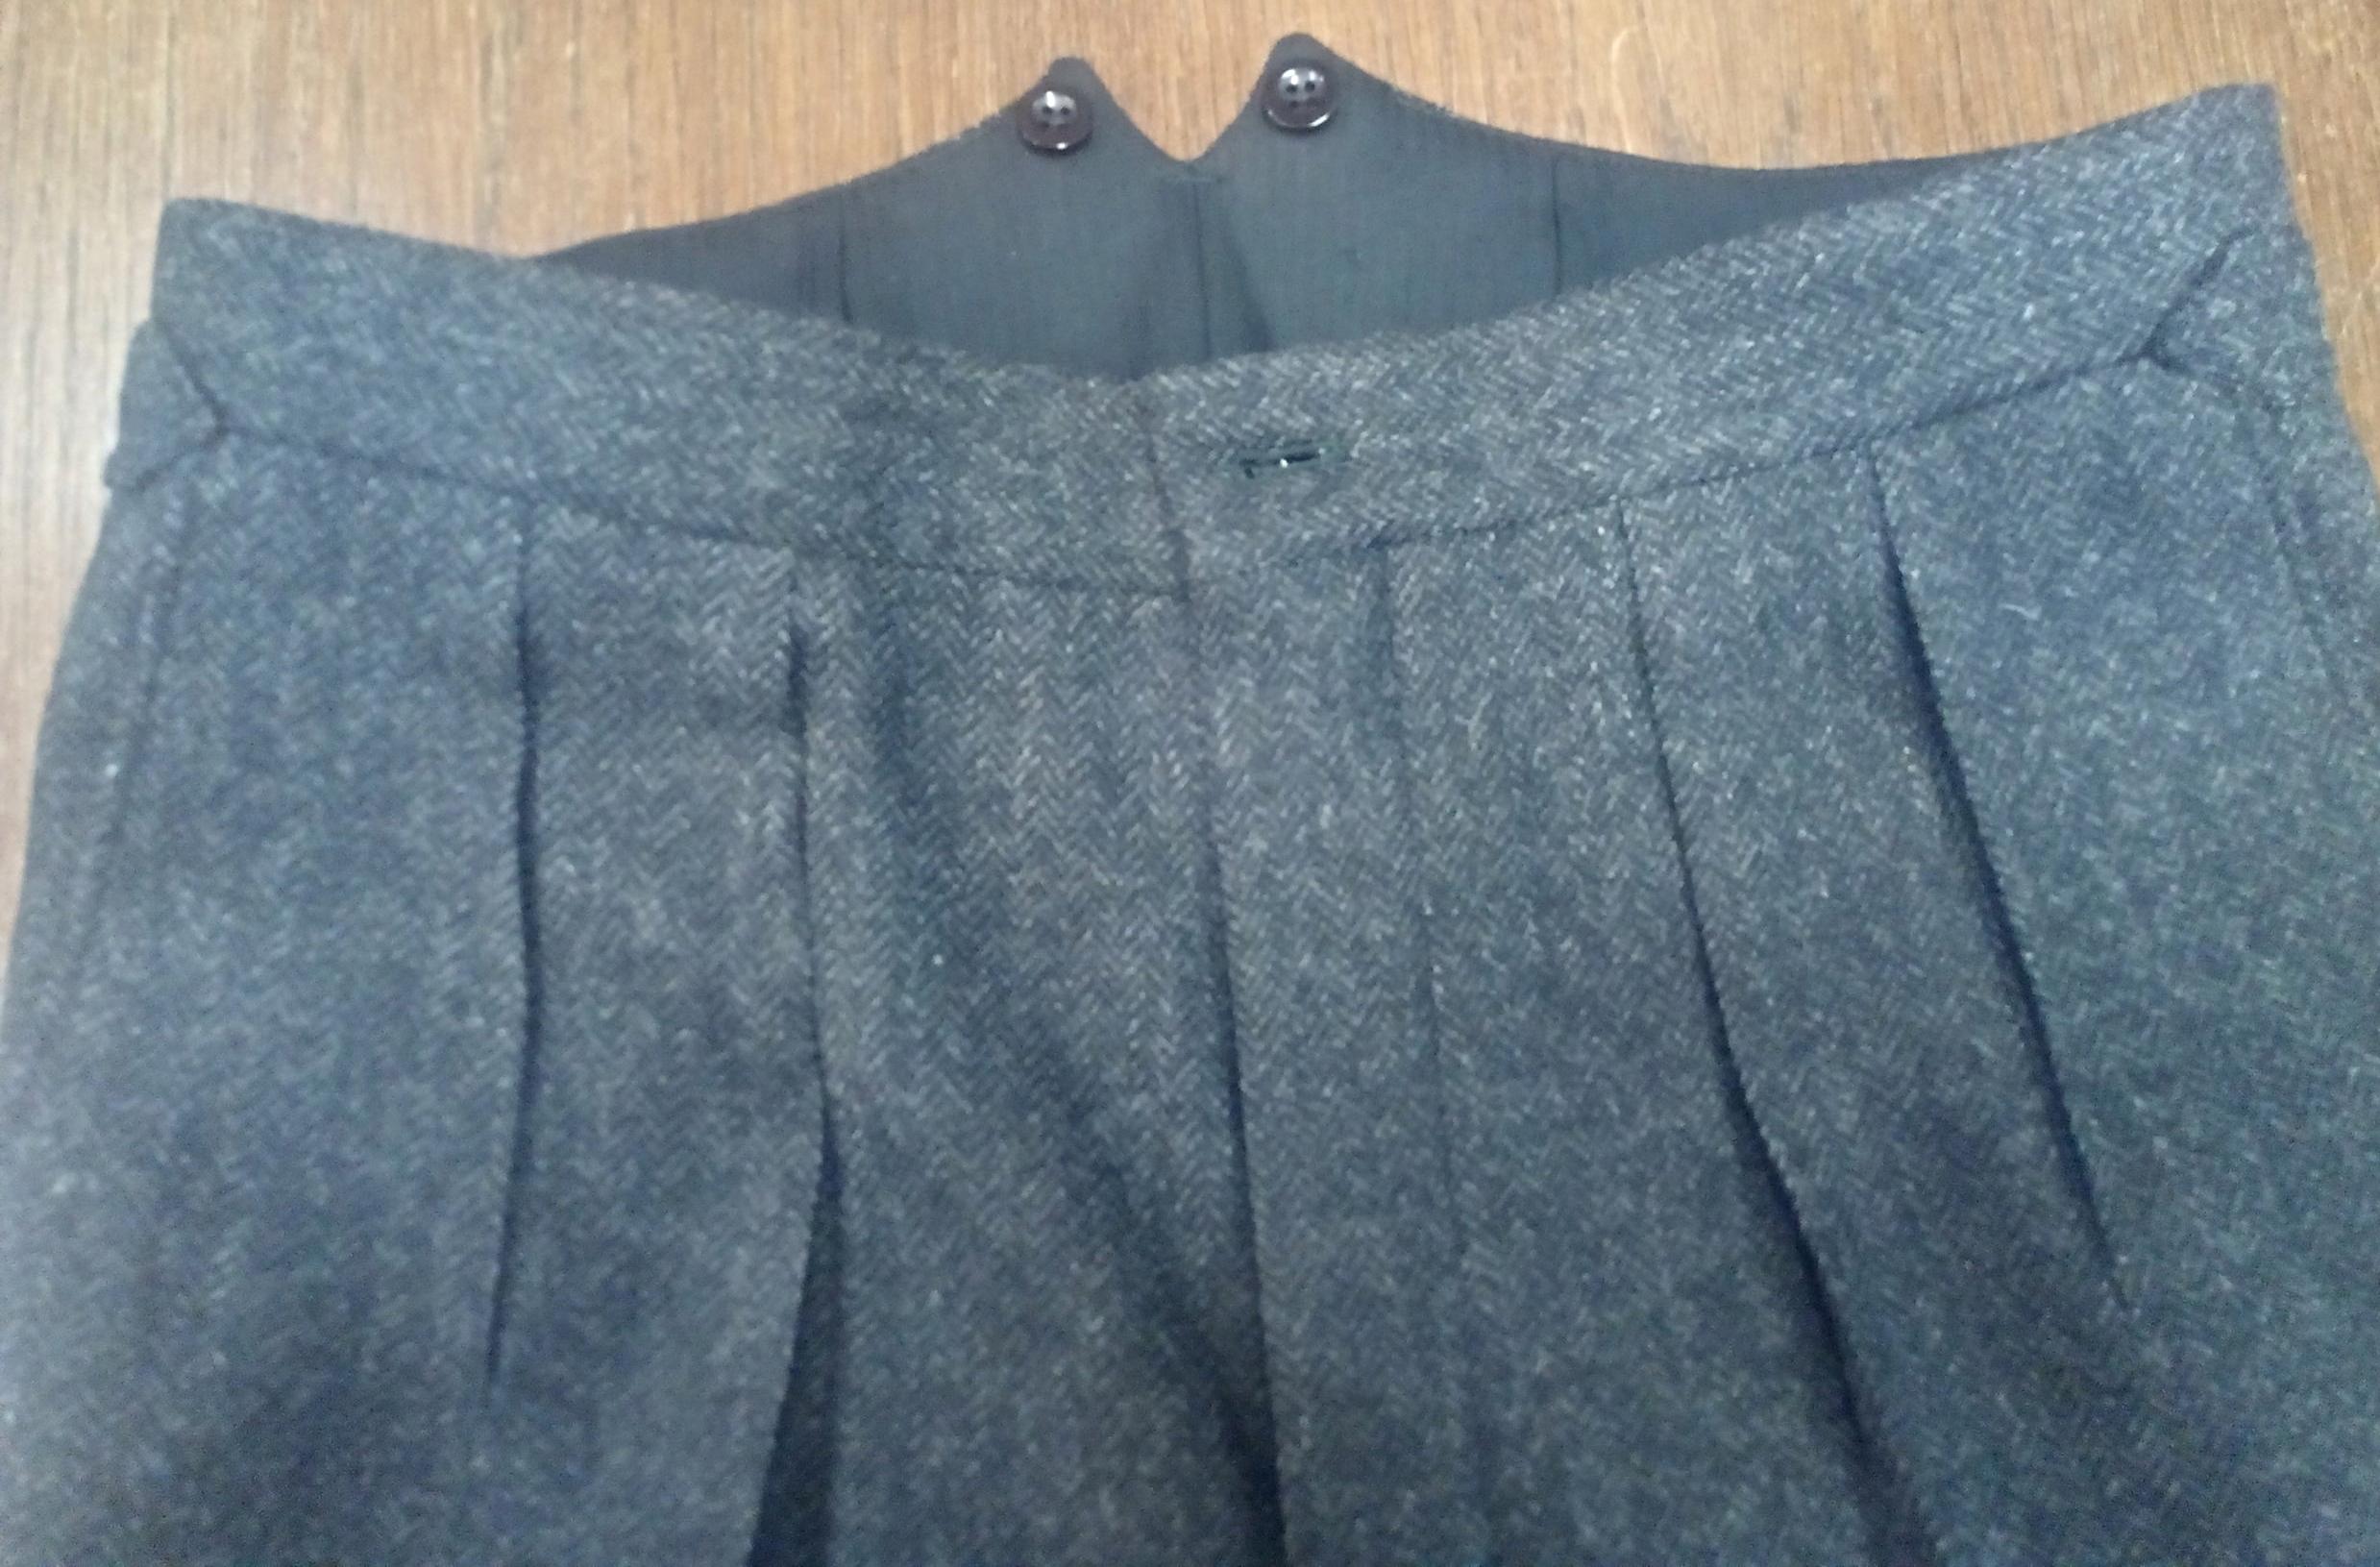 Twin forward pleats